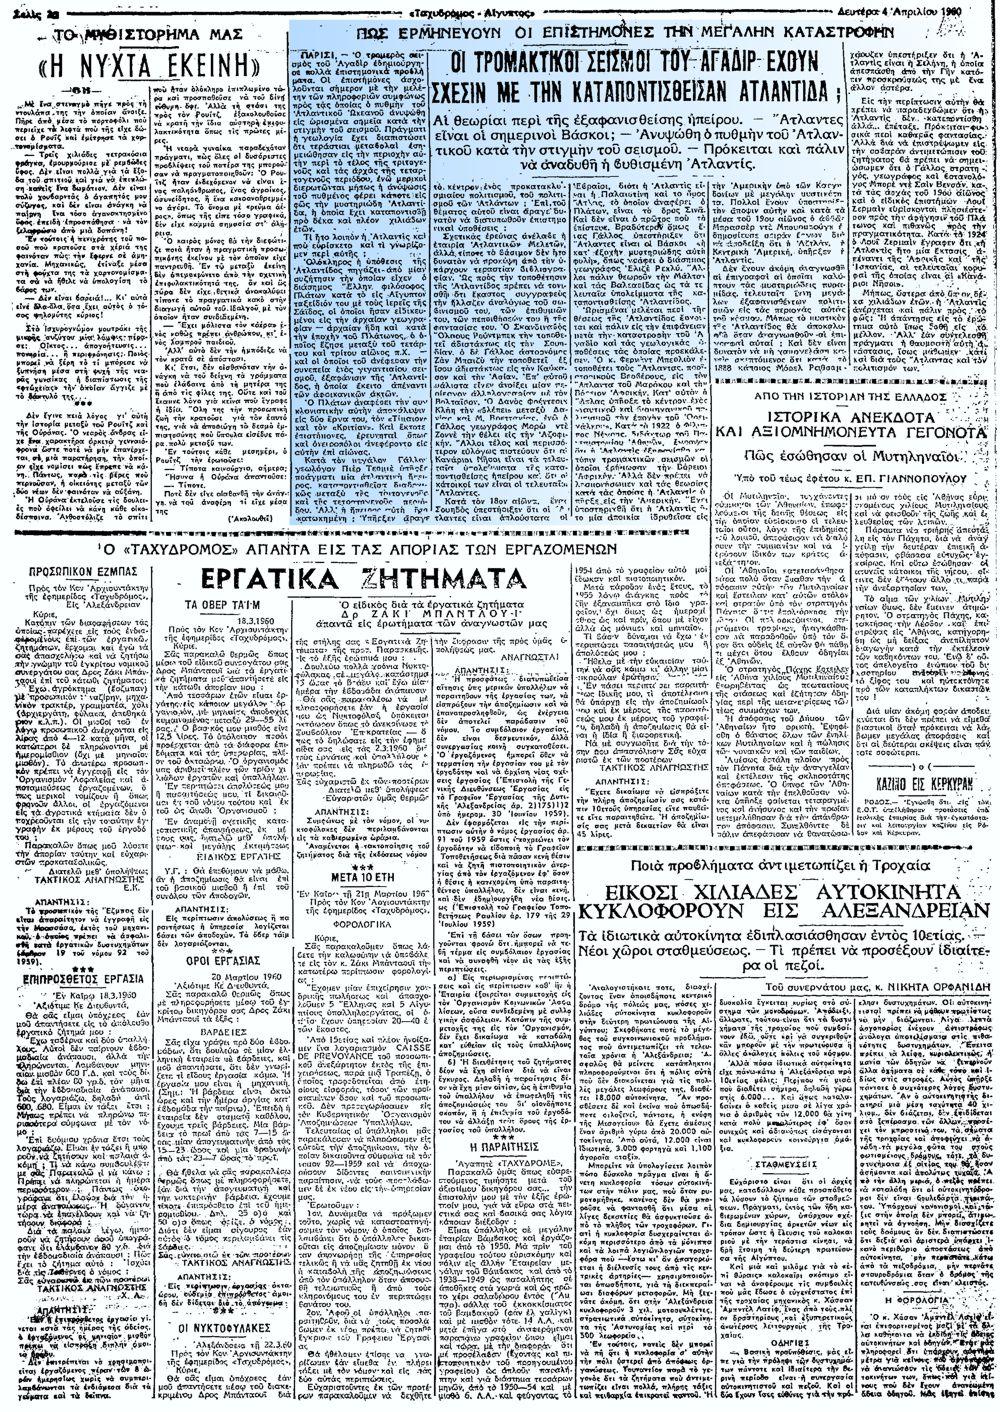 """Το άρθρο, όπως δημοσιεύθηκε στην εφημερίδα """"ΤΑΧΥΔΡΟΜΟΣ"""", στις 04/04/1960"""